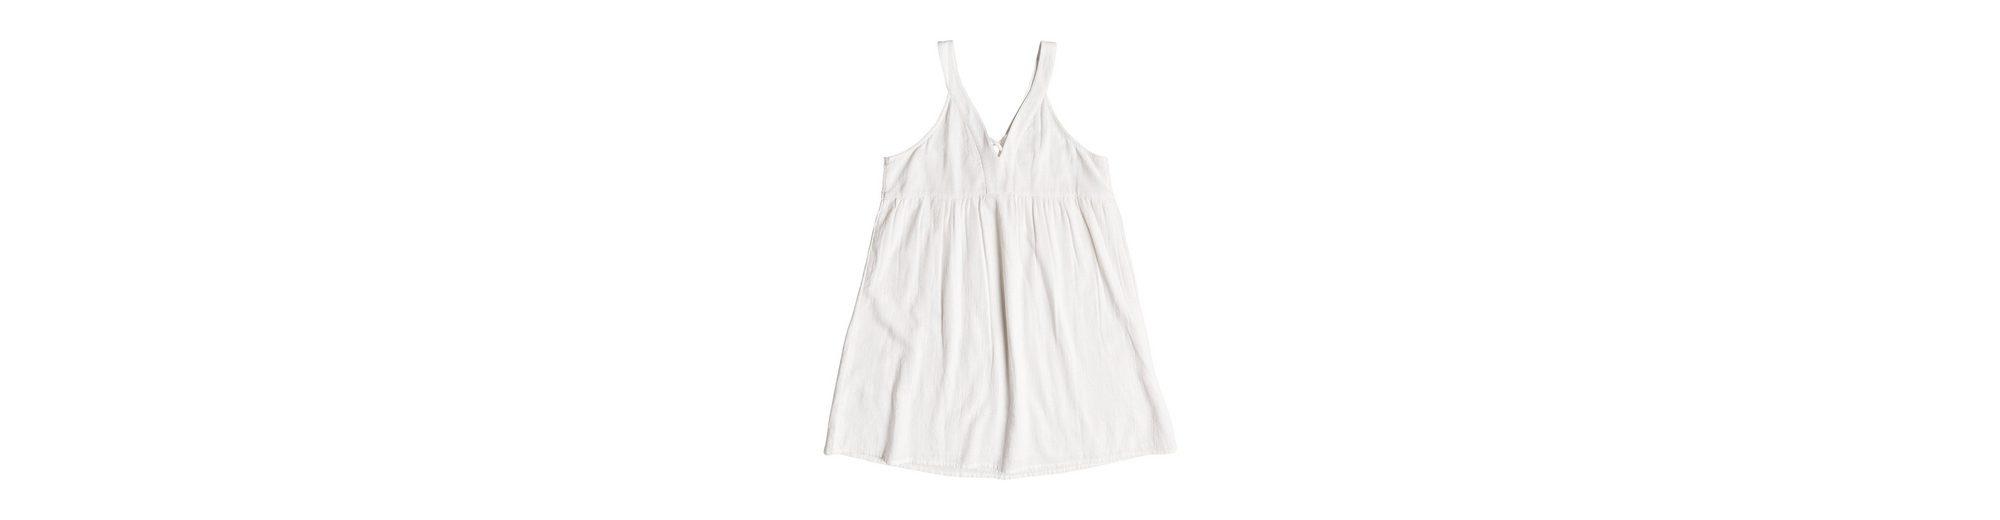 Roxy Riemchenkleid Drift Away Hohe Qualität Online Kaufen Extrem Günstiger Preis V3S9q7zGq